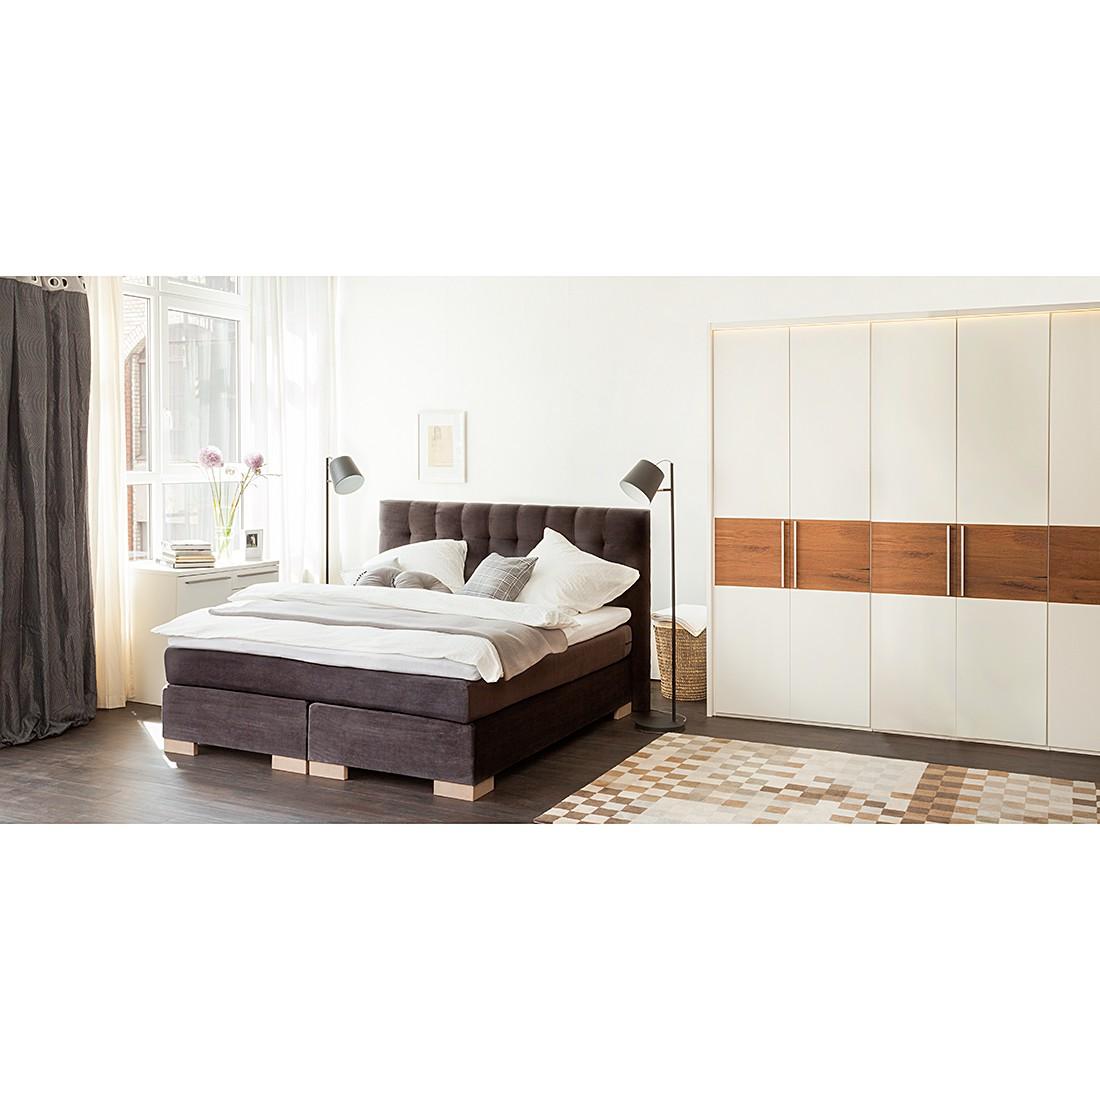 Schlafzimmerset Ceno – Grau/Lack Weiß, Panthel kaufen